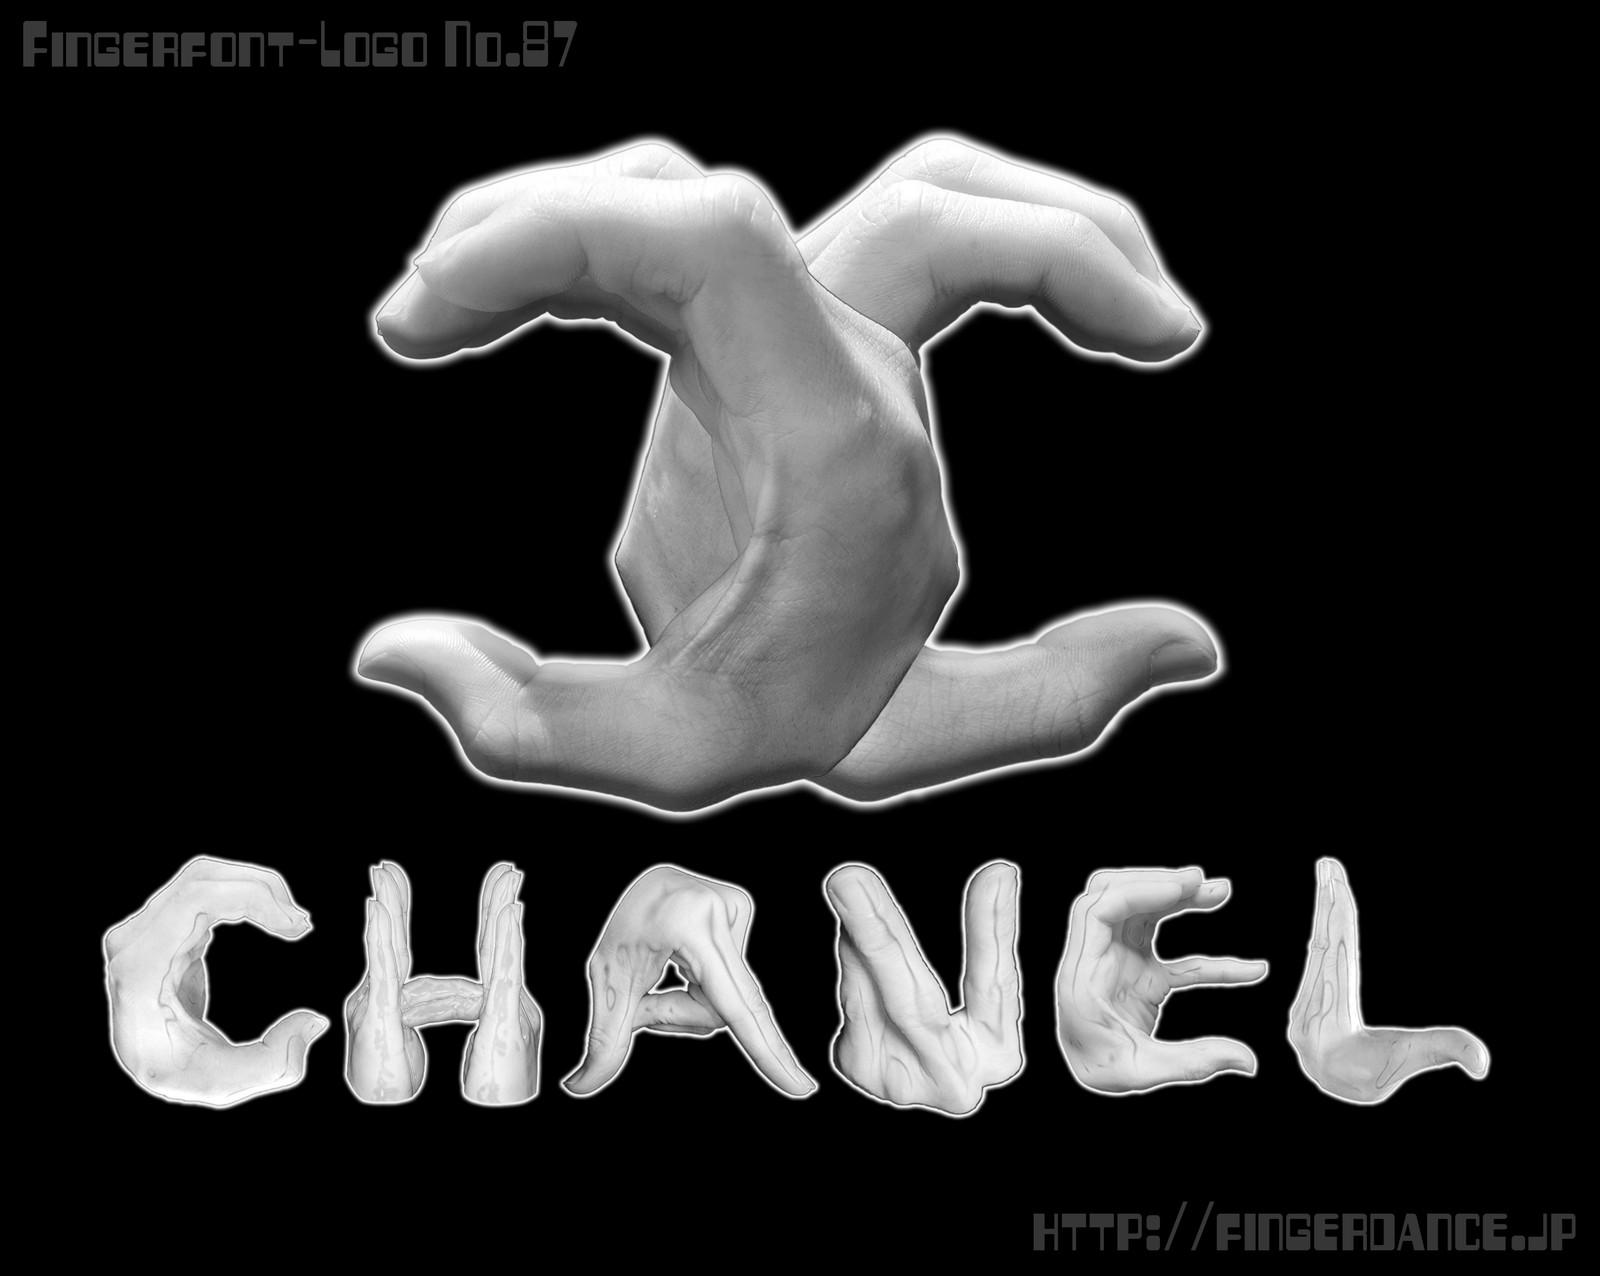 chanel-シャネル・フィンガーロゴハンド手指